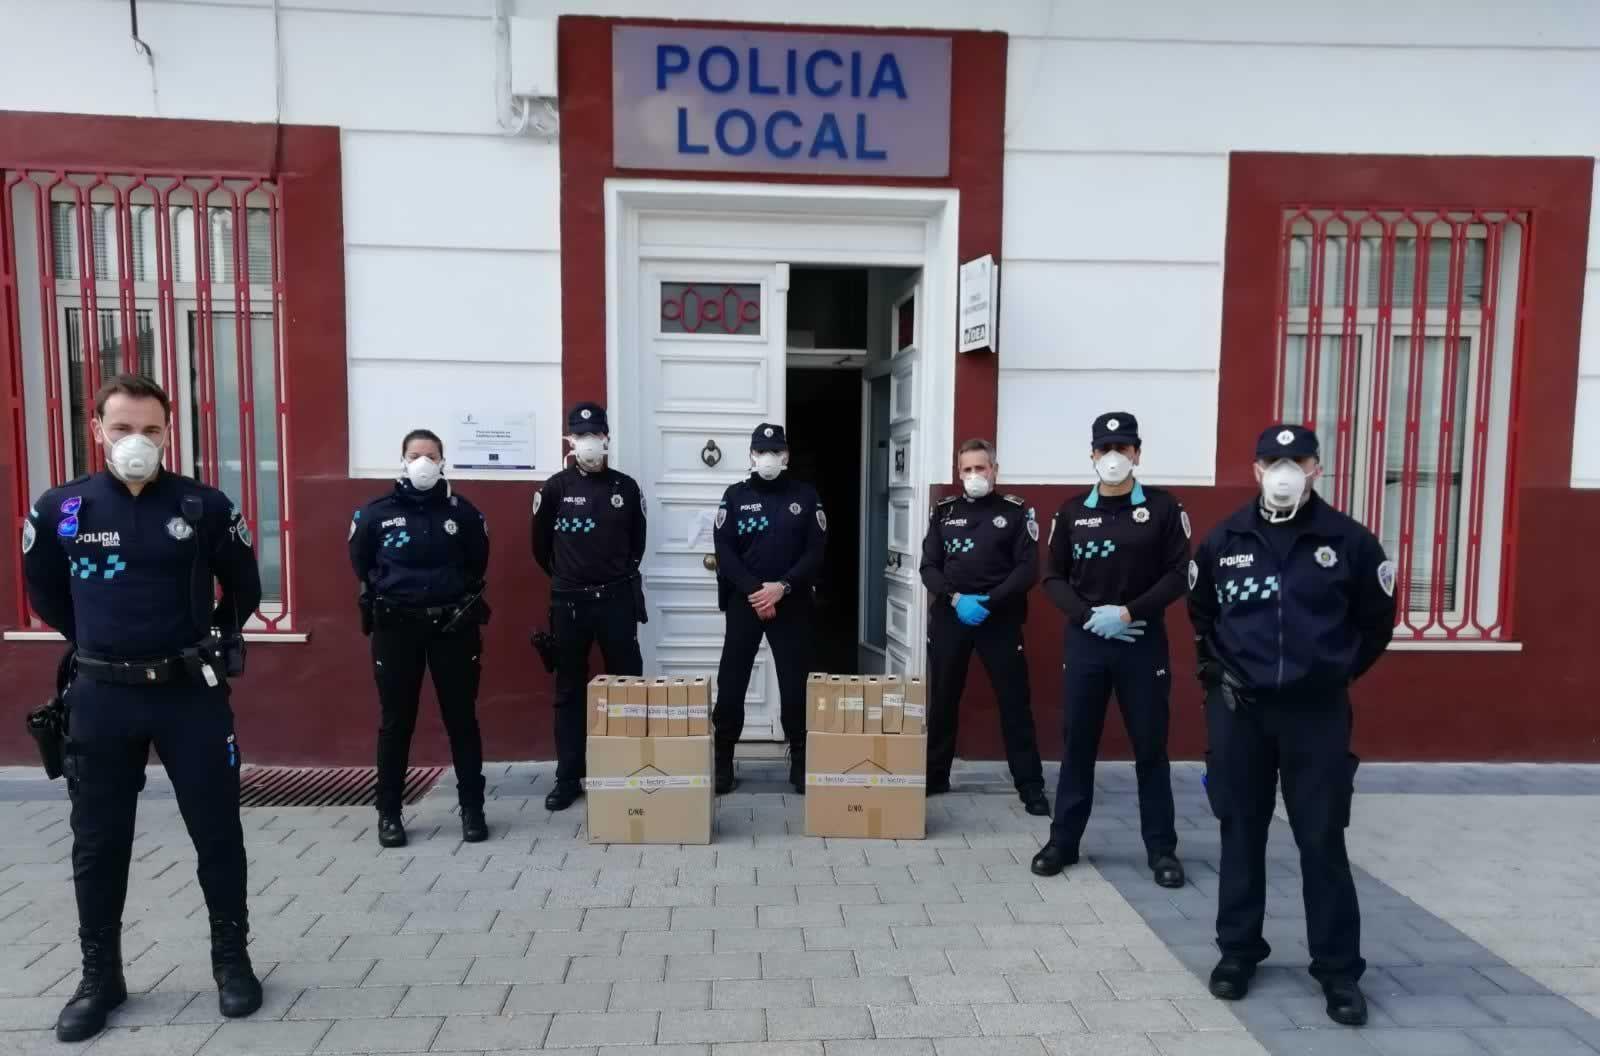 La Policía Local De Tomelloso Dona Material Para La Fabricación De Pantallas De Protección En 3d Policía Local Policía Protecciones